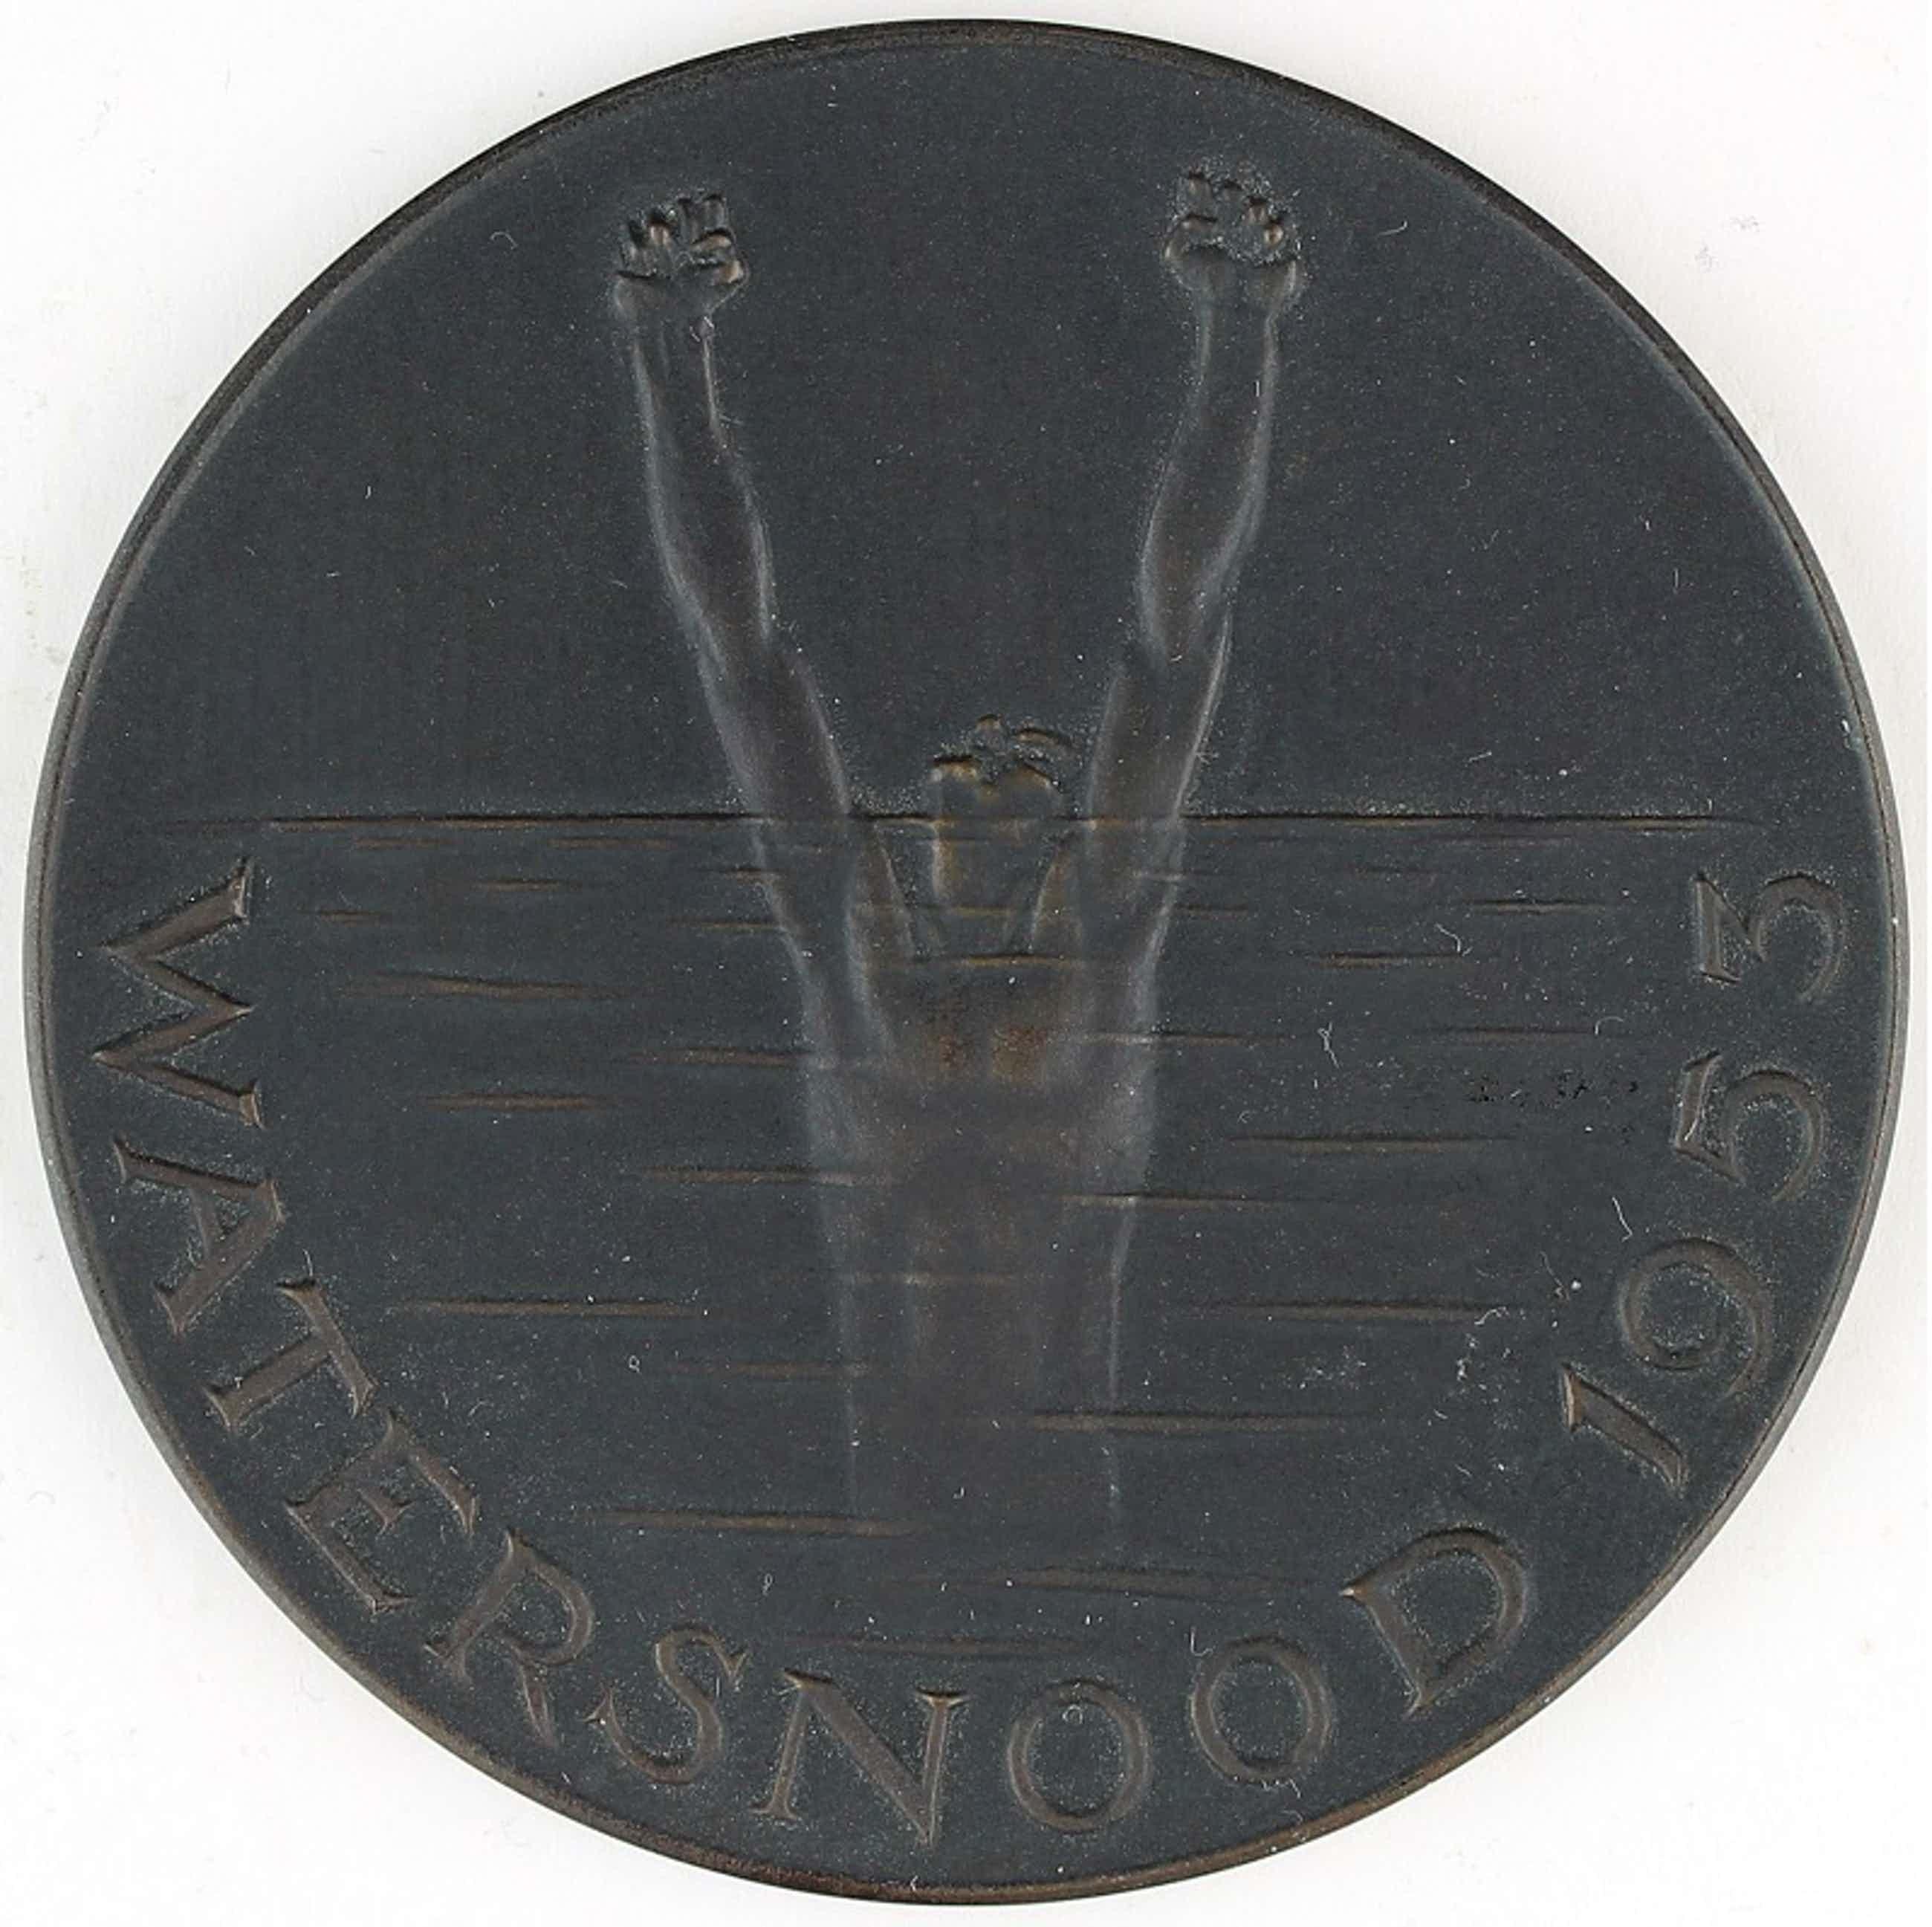 Oswald Wenckebach - Bronzen penning: Watersnood, 1953 kopen? Bied vanaf 60!